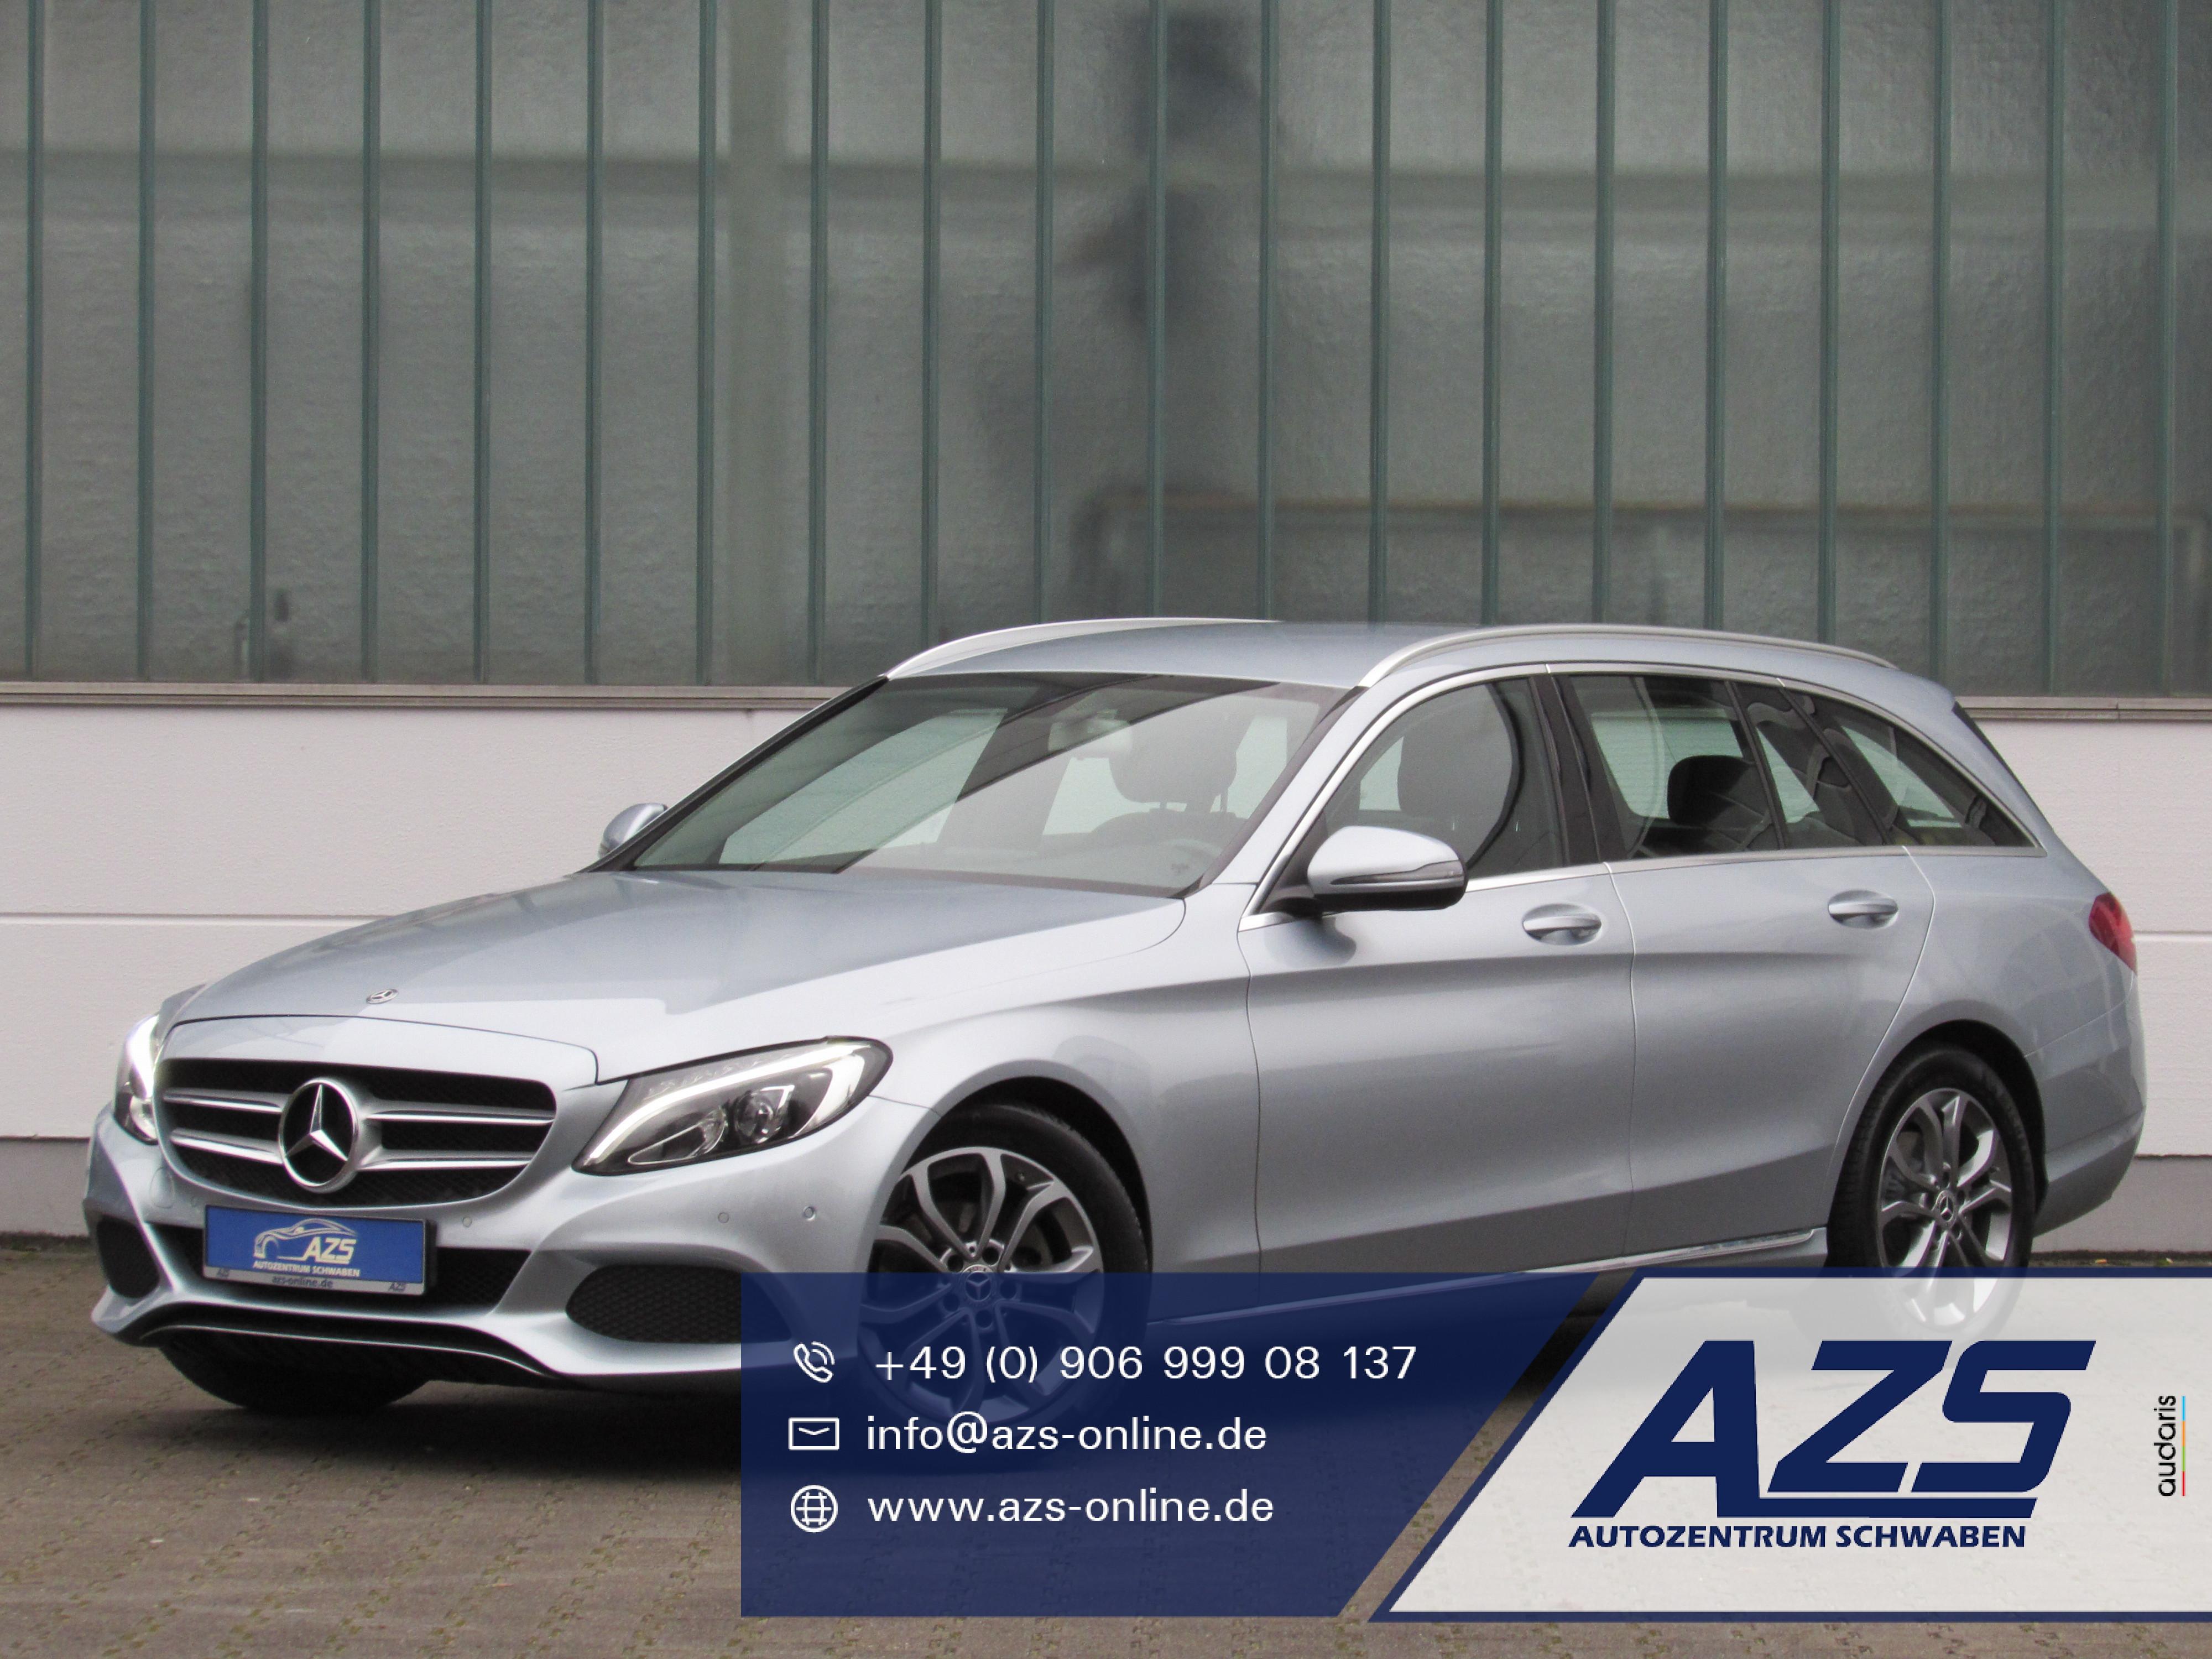 Mercedes-Benz C 180 CDI | Navi | AZS-SICHERER-ONLINE-KAUF, Jahr 2017, Diesel